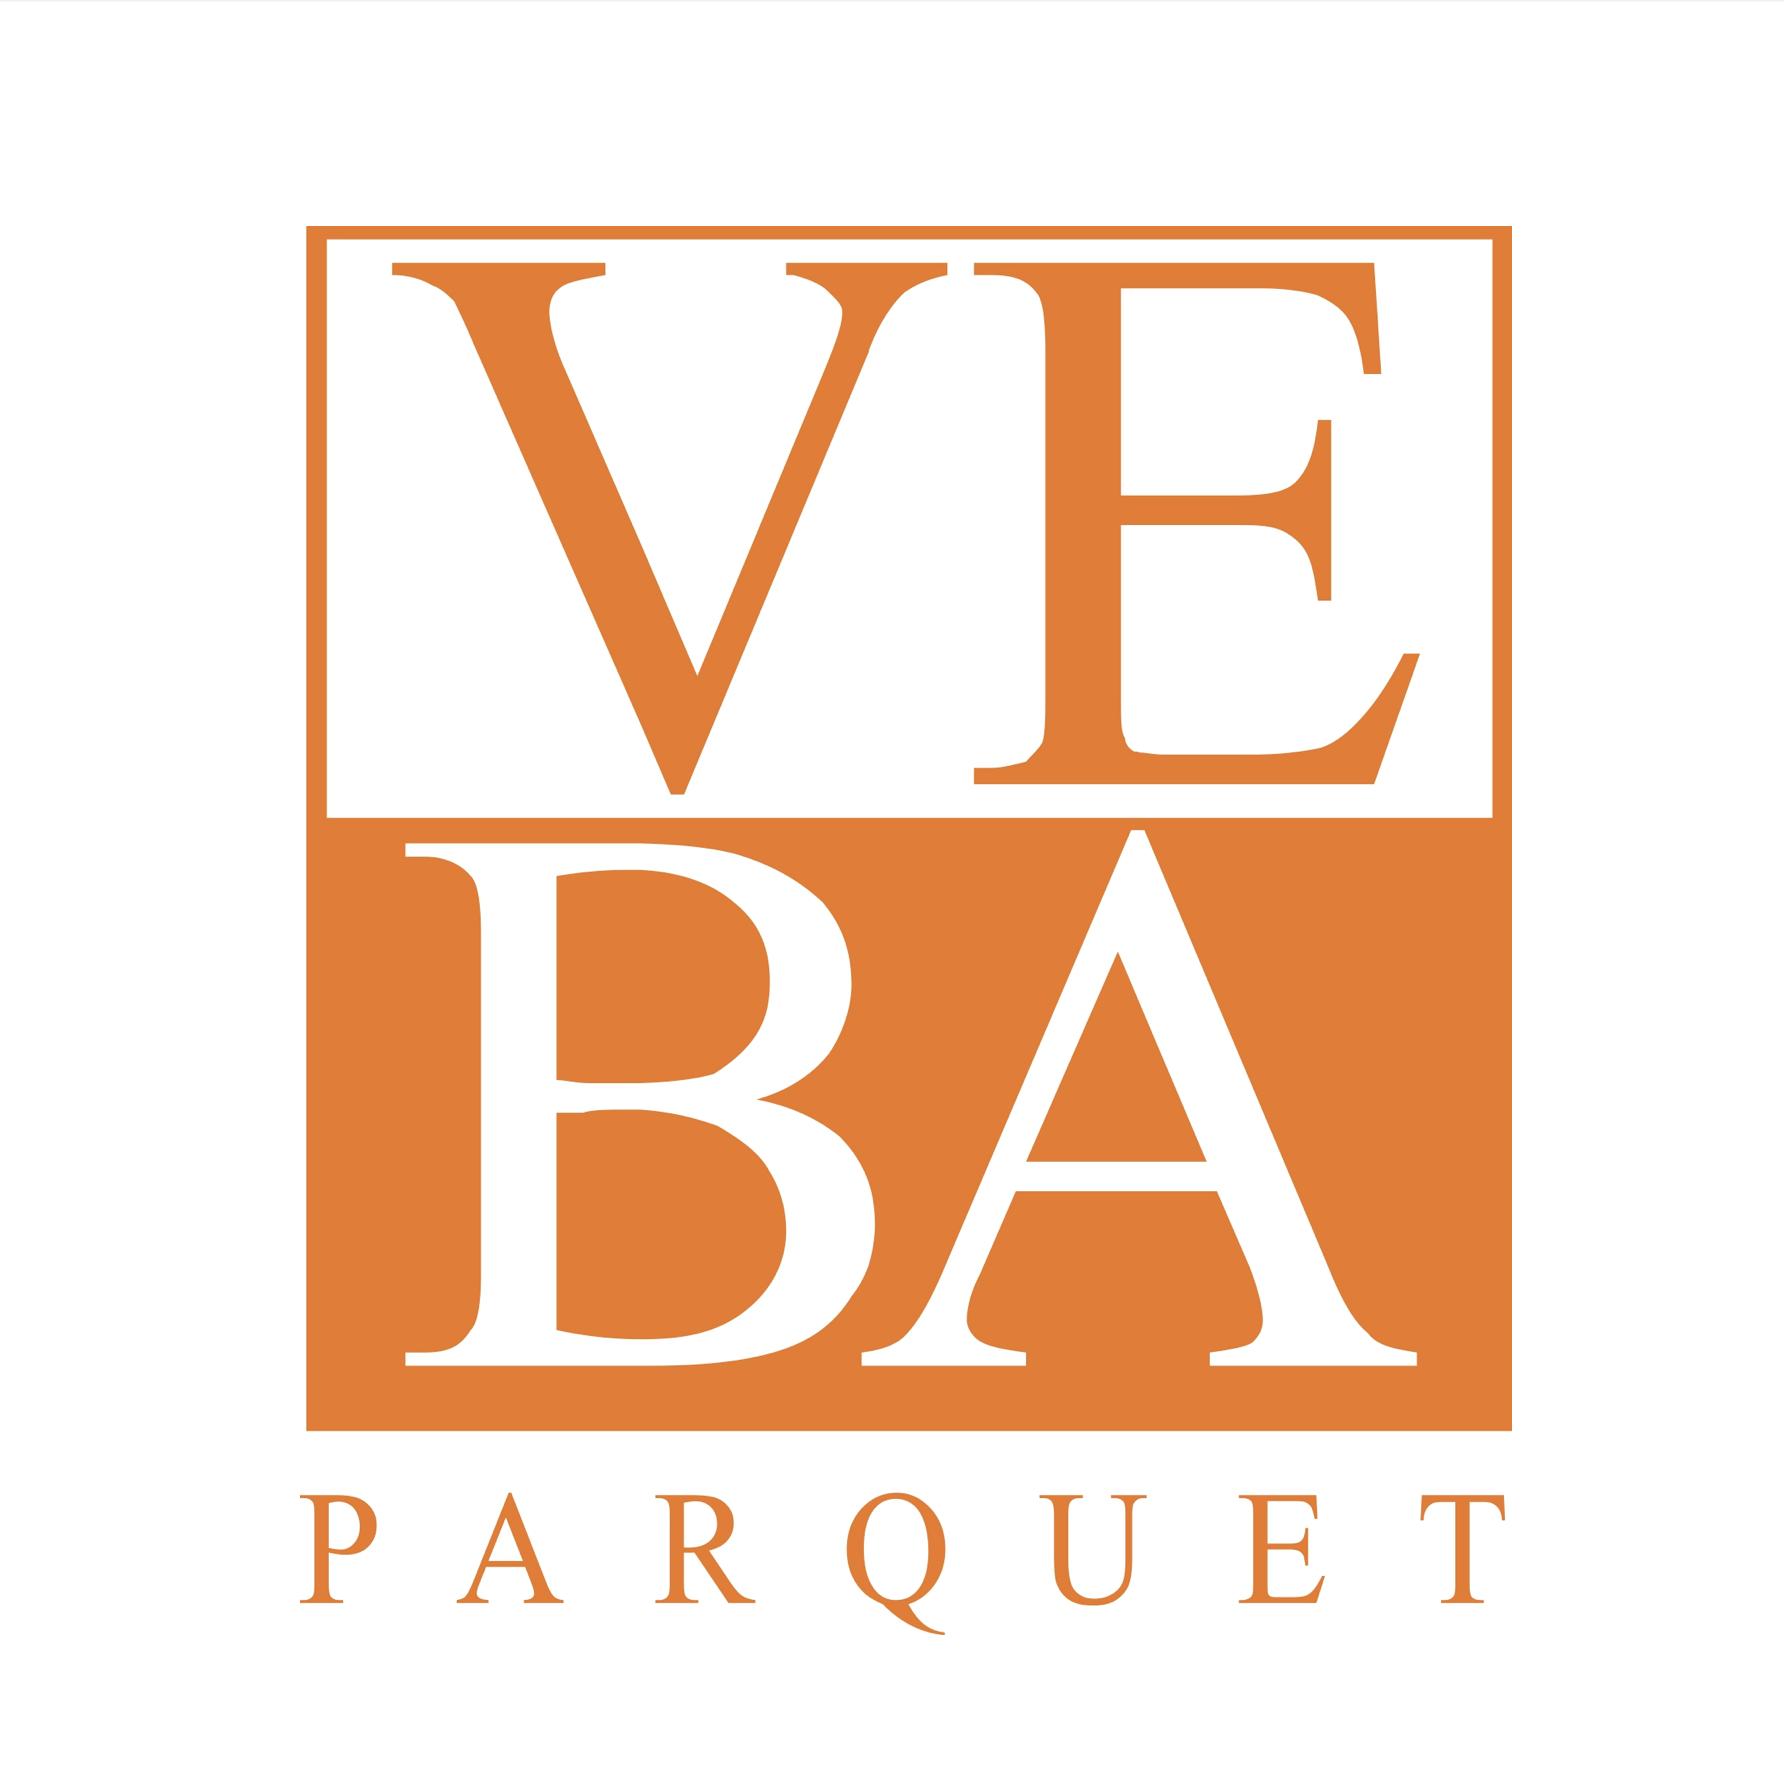 Logo Veba 1